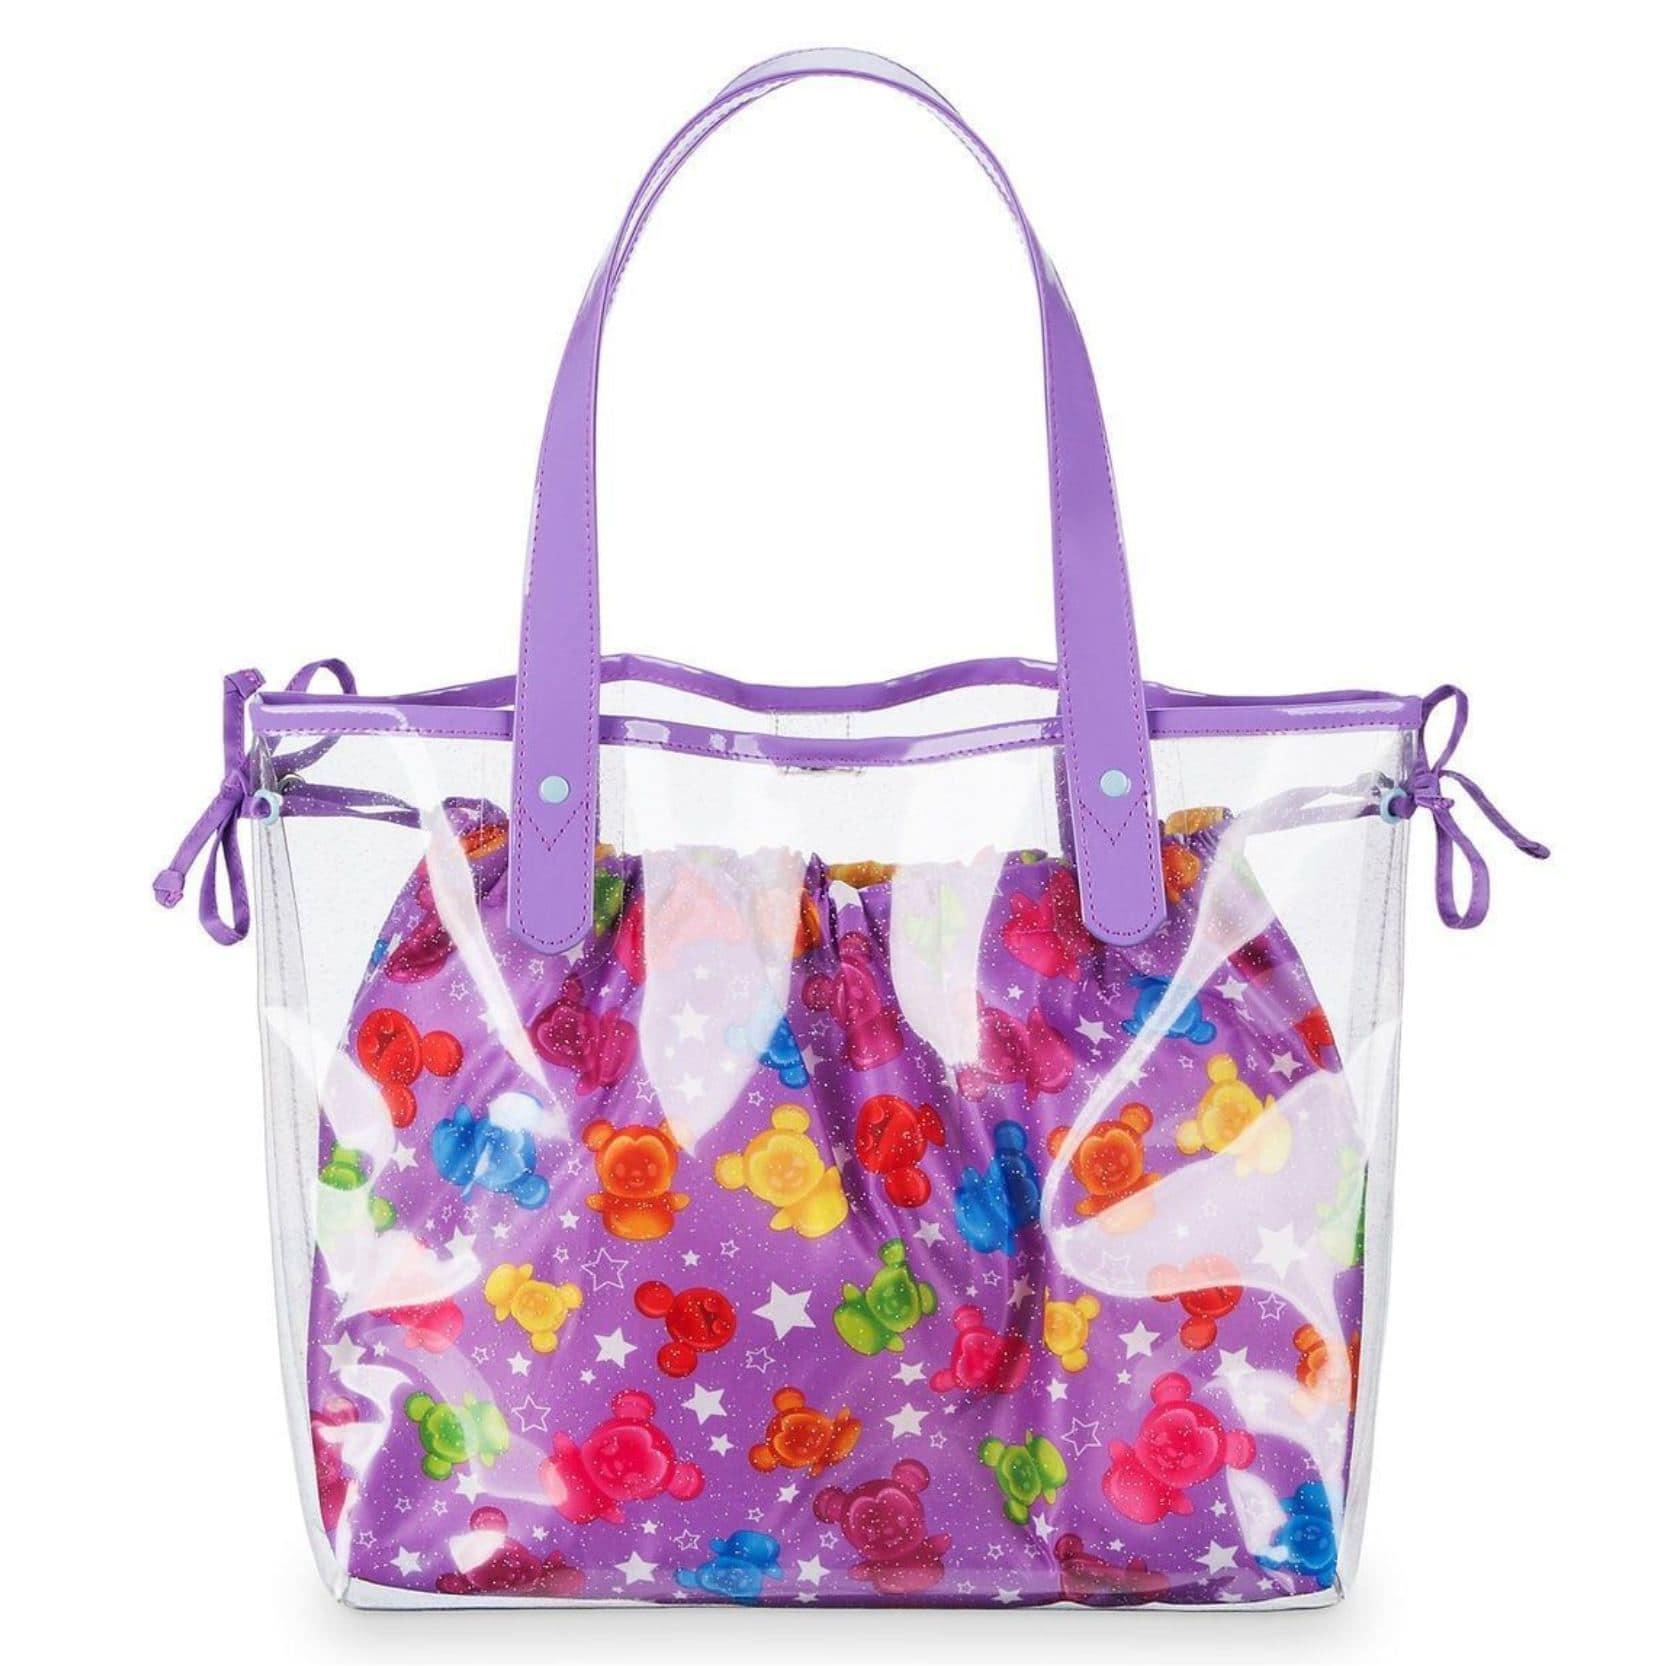 Пляжная сумка для девочки с рисунком Minnie Mouse